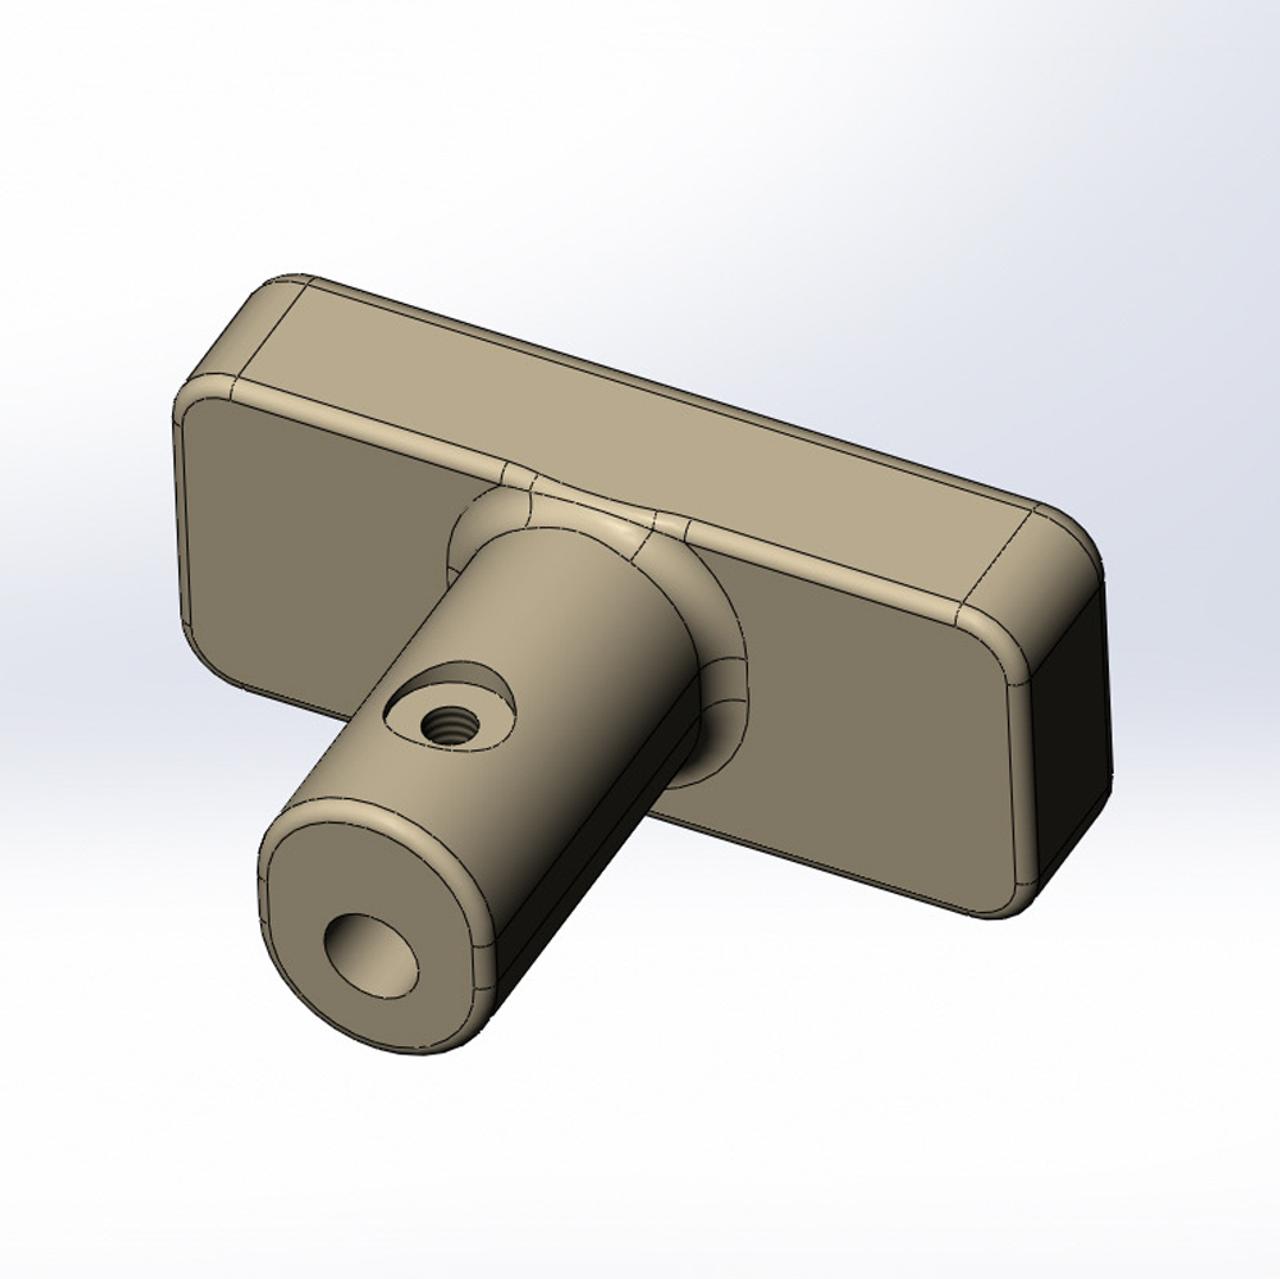 62 Series Fuel Door Release Handle (FDR-1) design stage